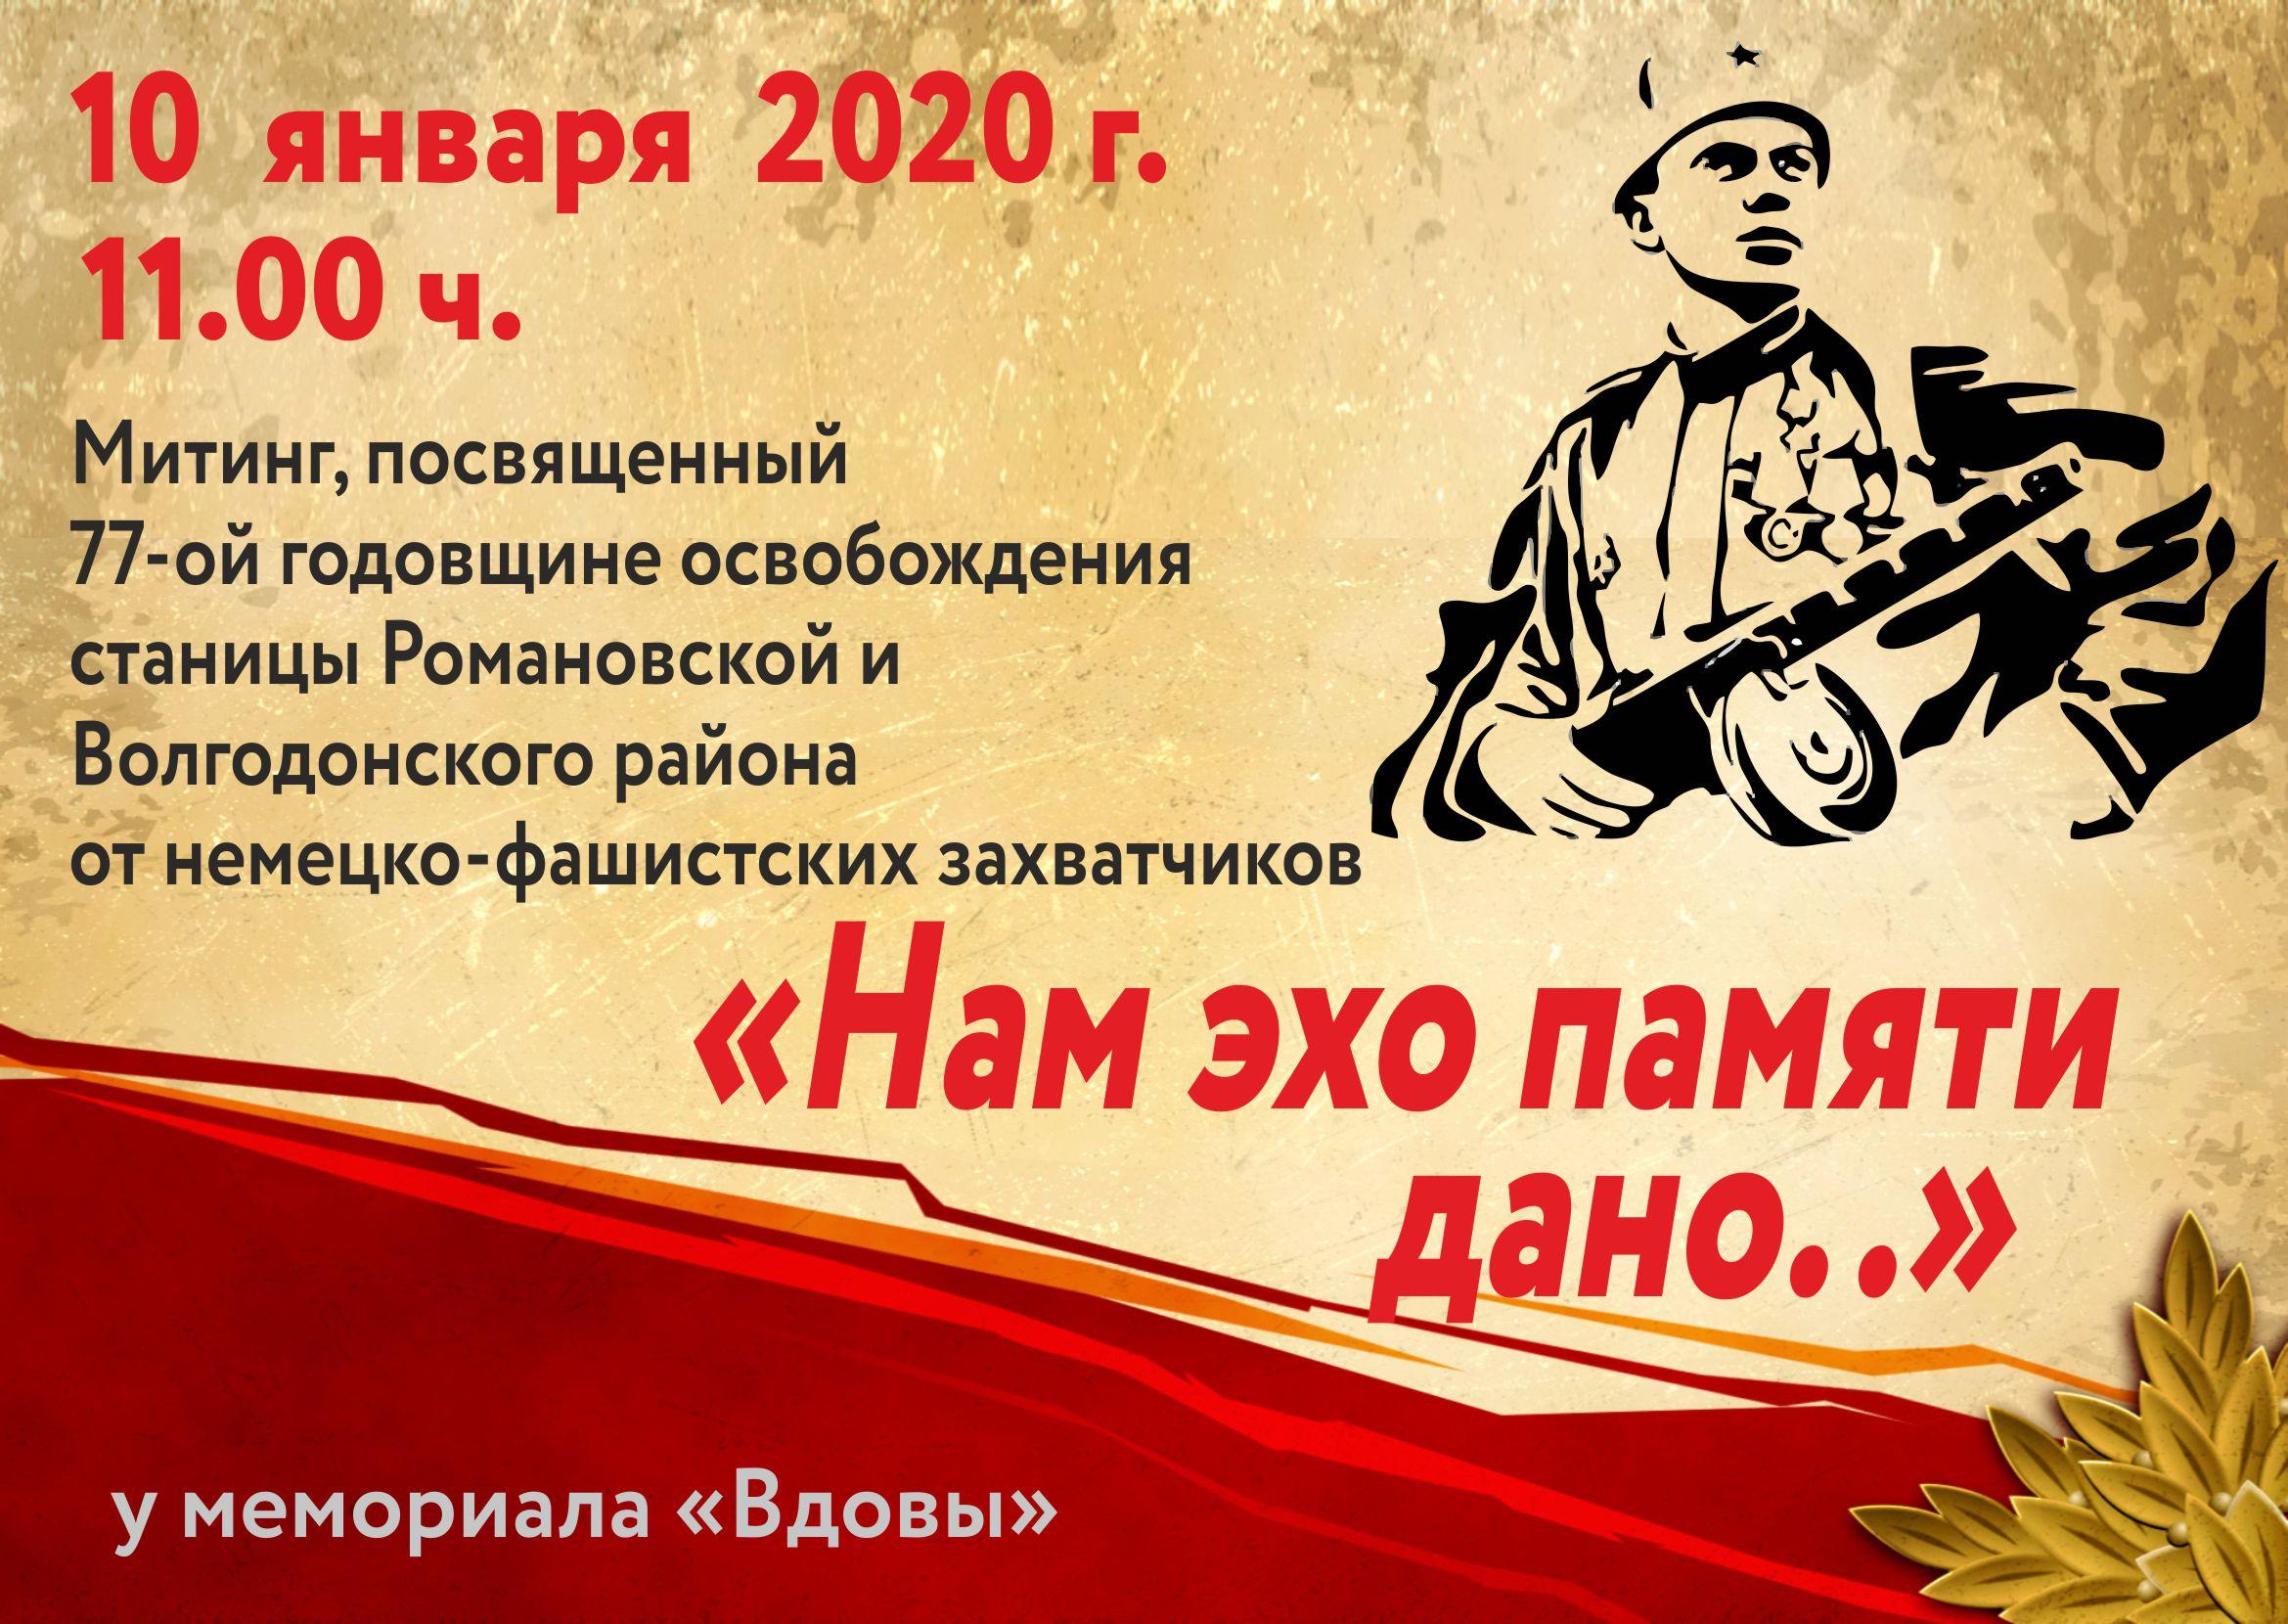 10 января 2020 г. состоится митинг